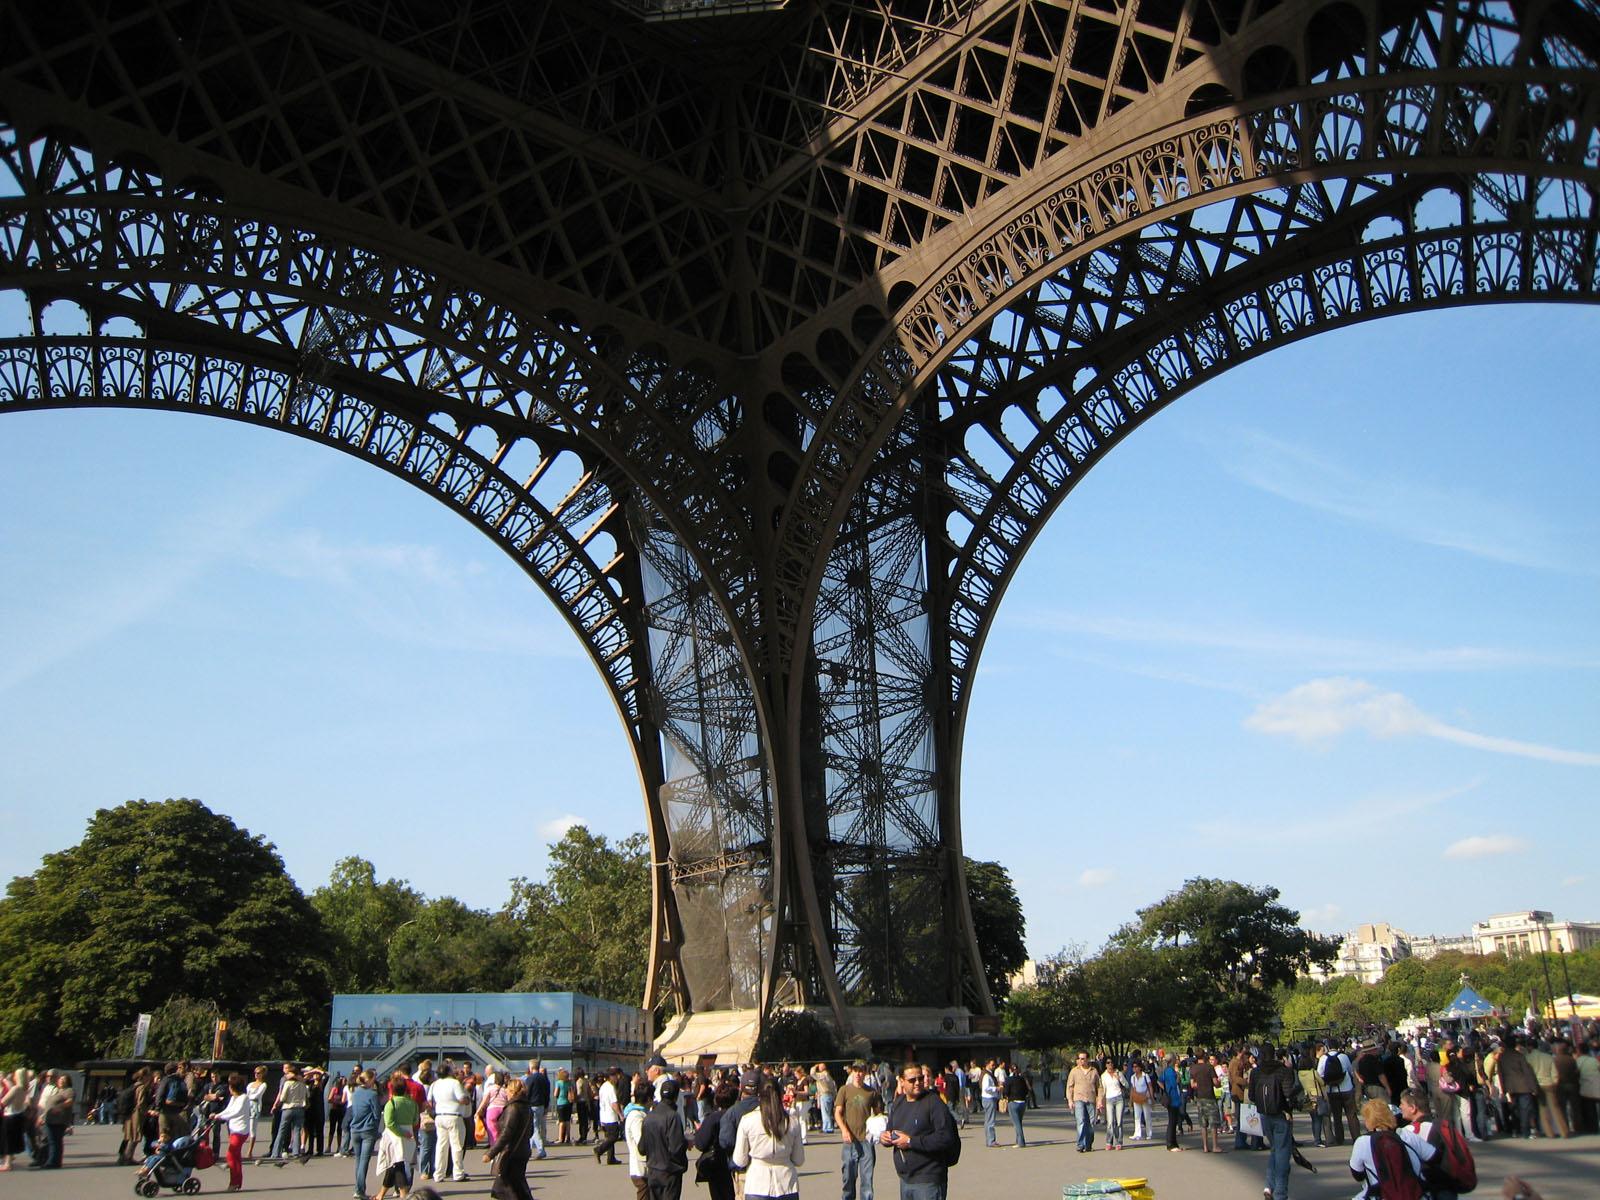 http://1.bp.blogspot.com/-pmZoYbUBwfw/Tr-CNdtP_bI/AAAAAAAAQG4/I5PRJRdDSgY/s1600/098+Paris+-+Tour+Eiffel.jpg